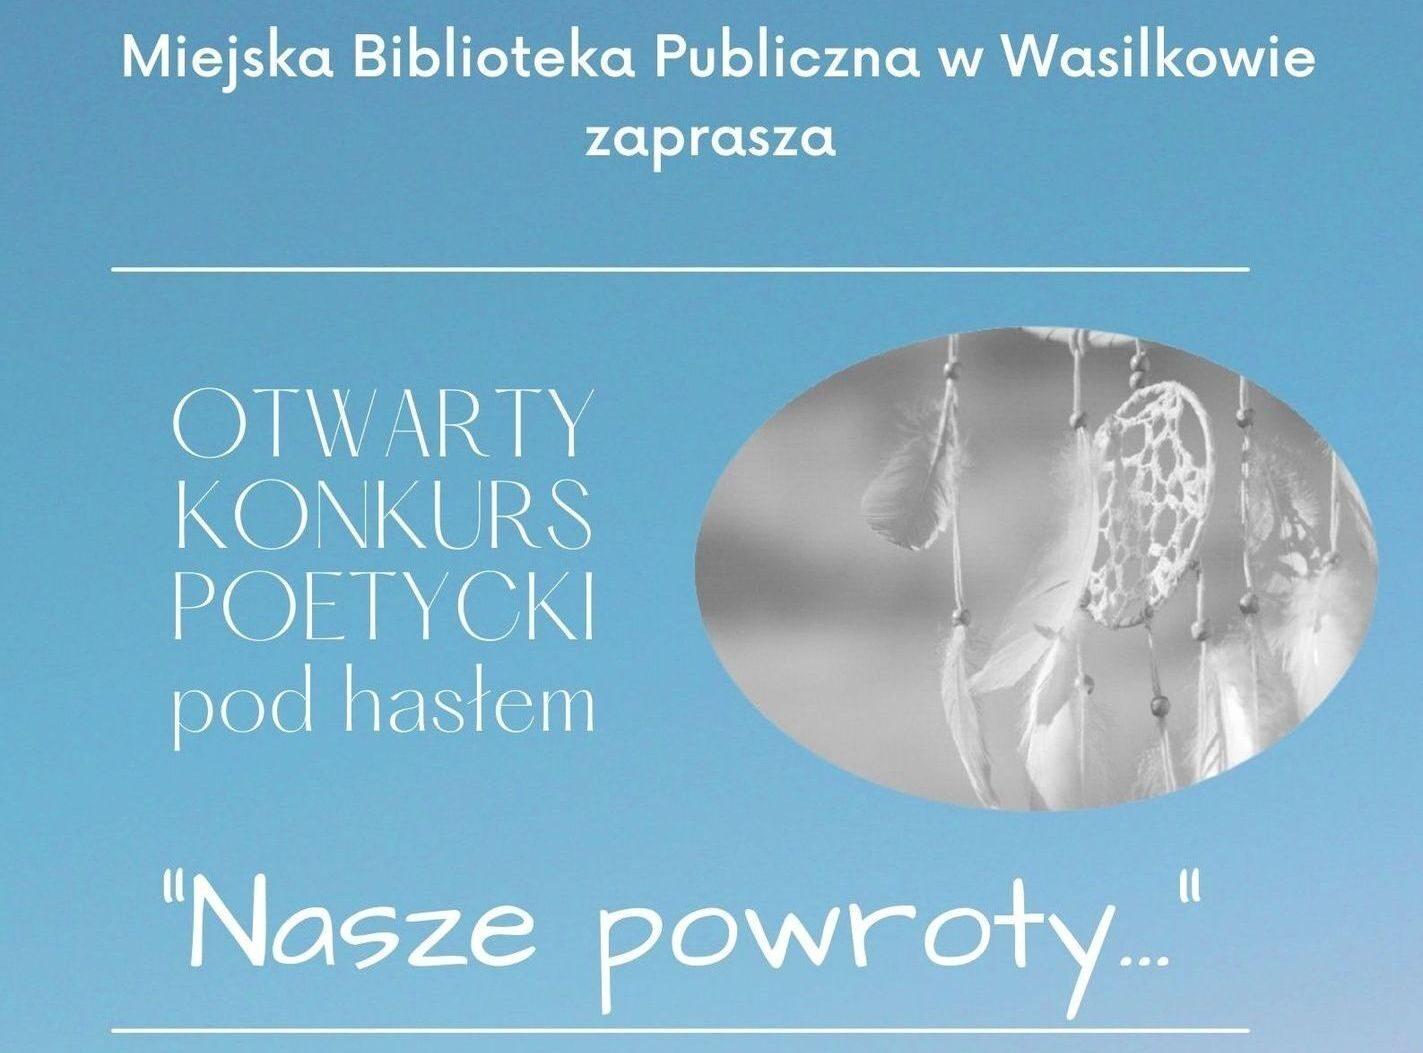 """Miejska Biblioteka Publiczna w Wasilkowie zaprasza OTWARTY KONKURS POETYCKI pod hasłem """"Nasze powroty..."""". Przy tekście łapacz snów."""